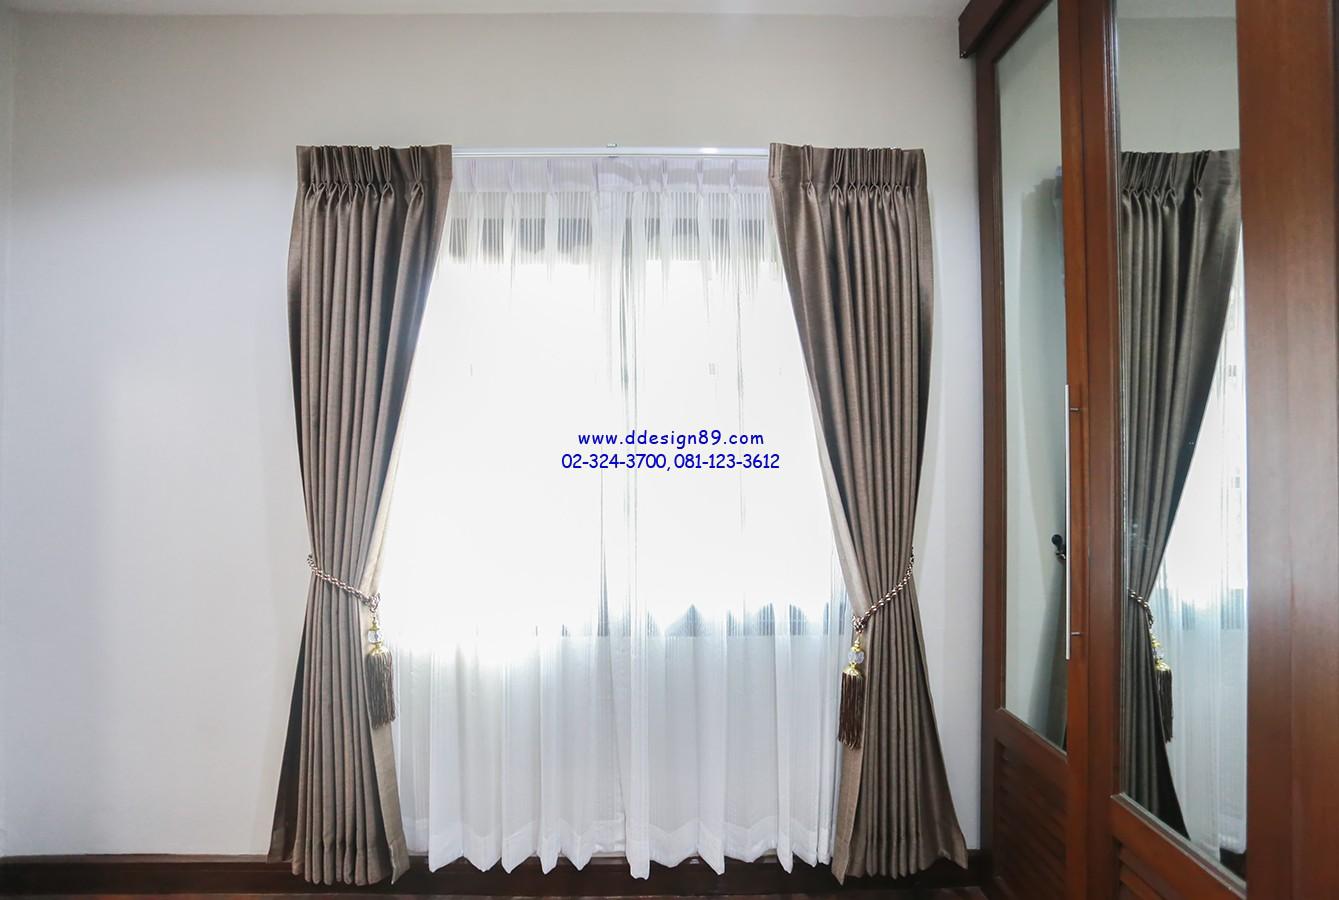 ติดม่านในบ้าน ของตกแต่งเล็กๆน้อยๆอย่างสายรวบม่าน ทำให้ห้องดูหรูหราขึ้นอีกระดับ